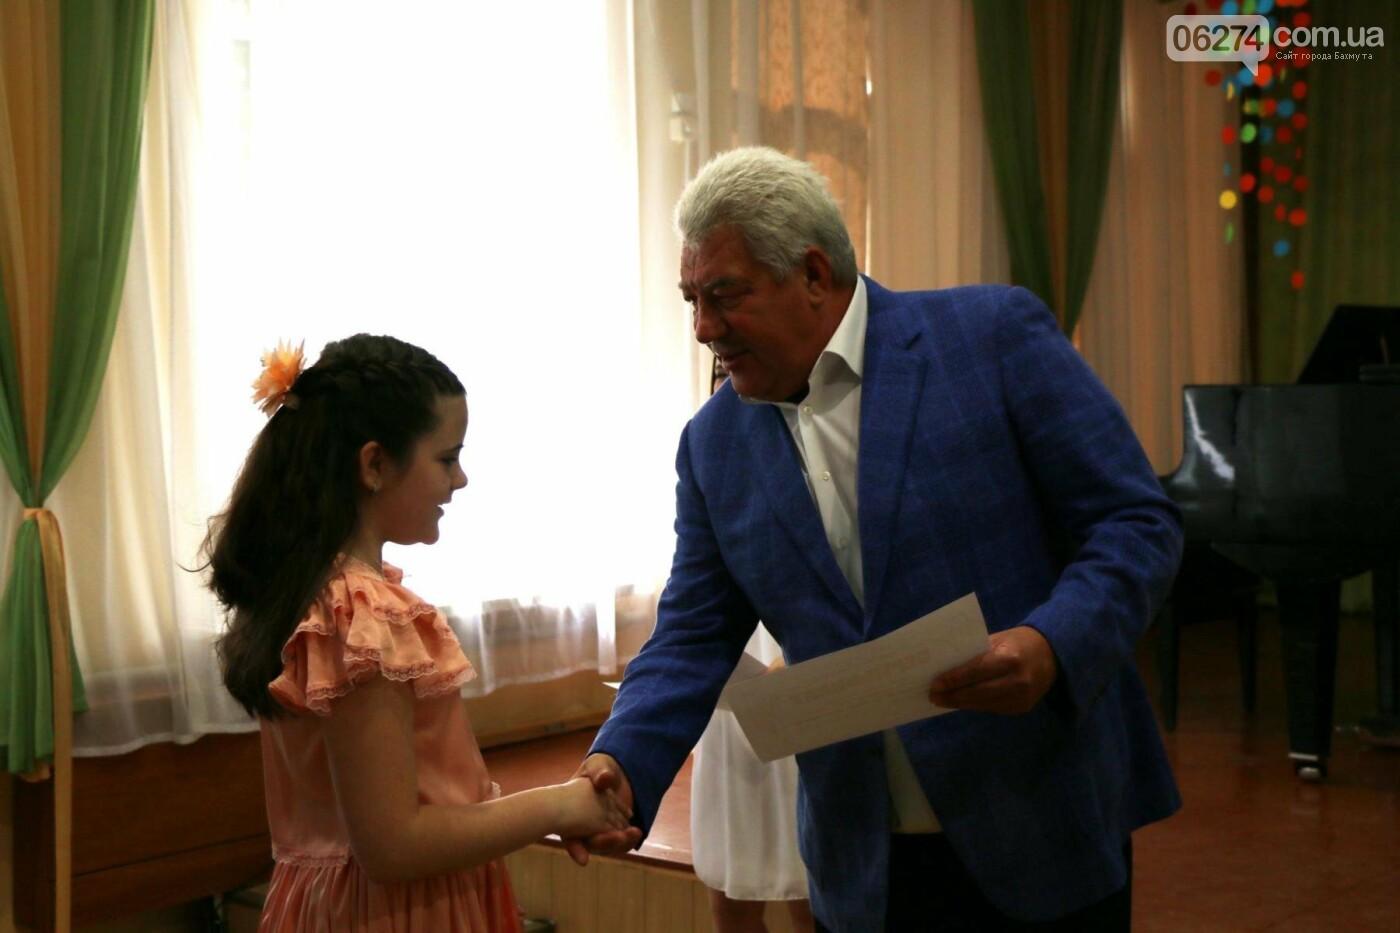 Одаренные дети Бахмута получили стипендии в награду за свое искусство, фото-5